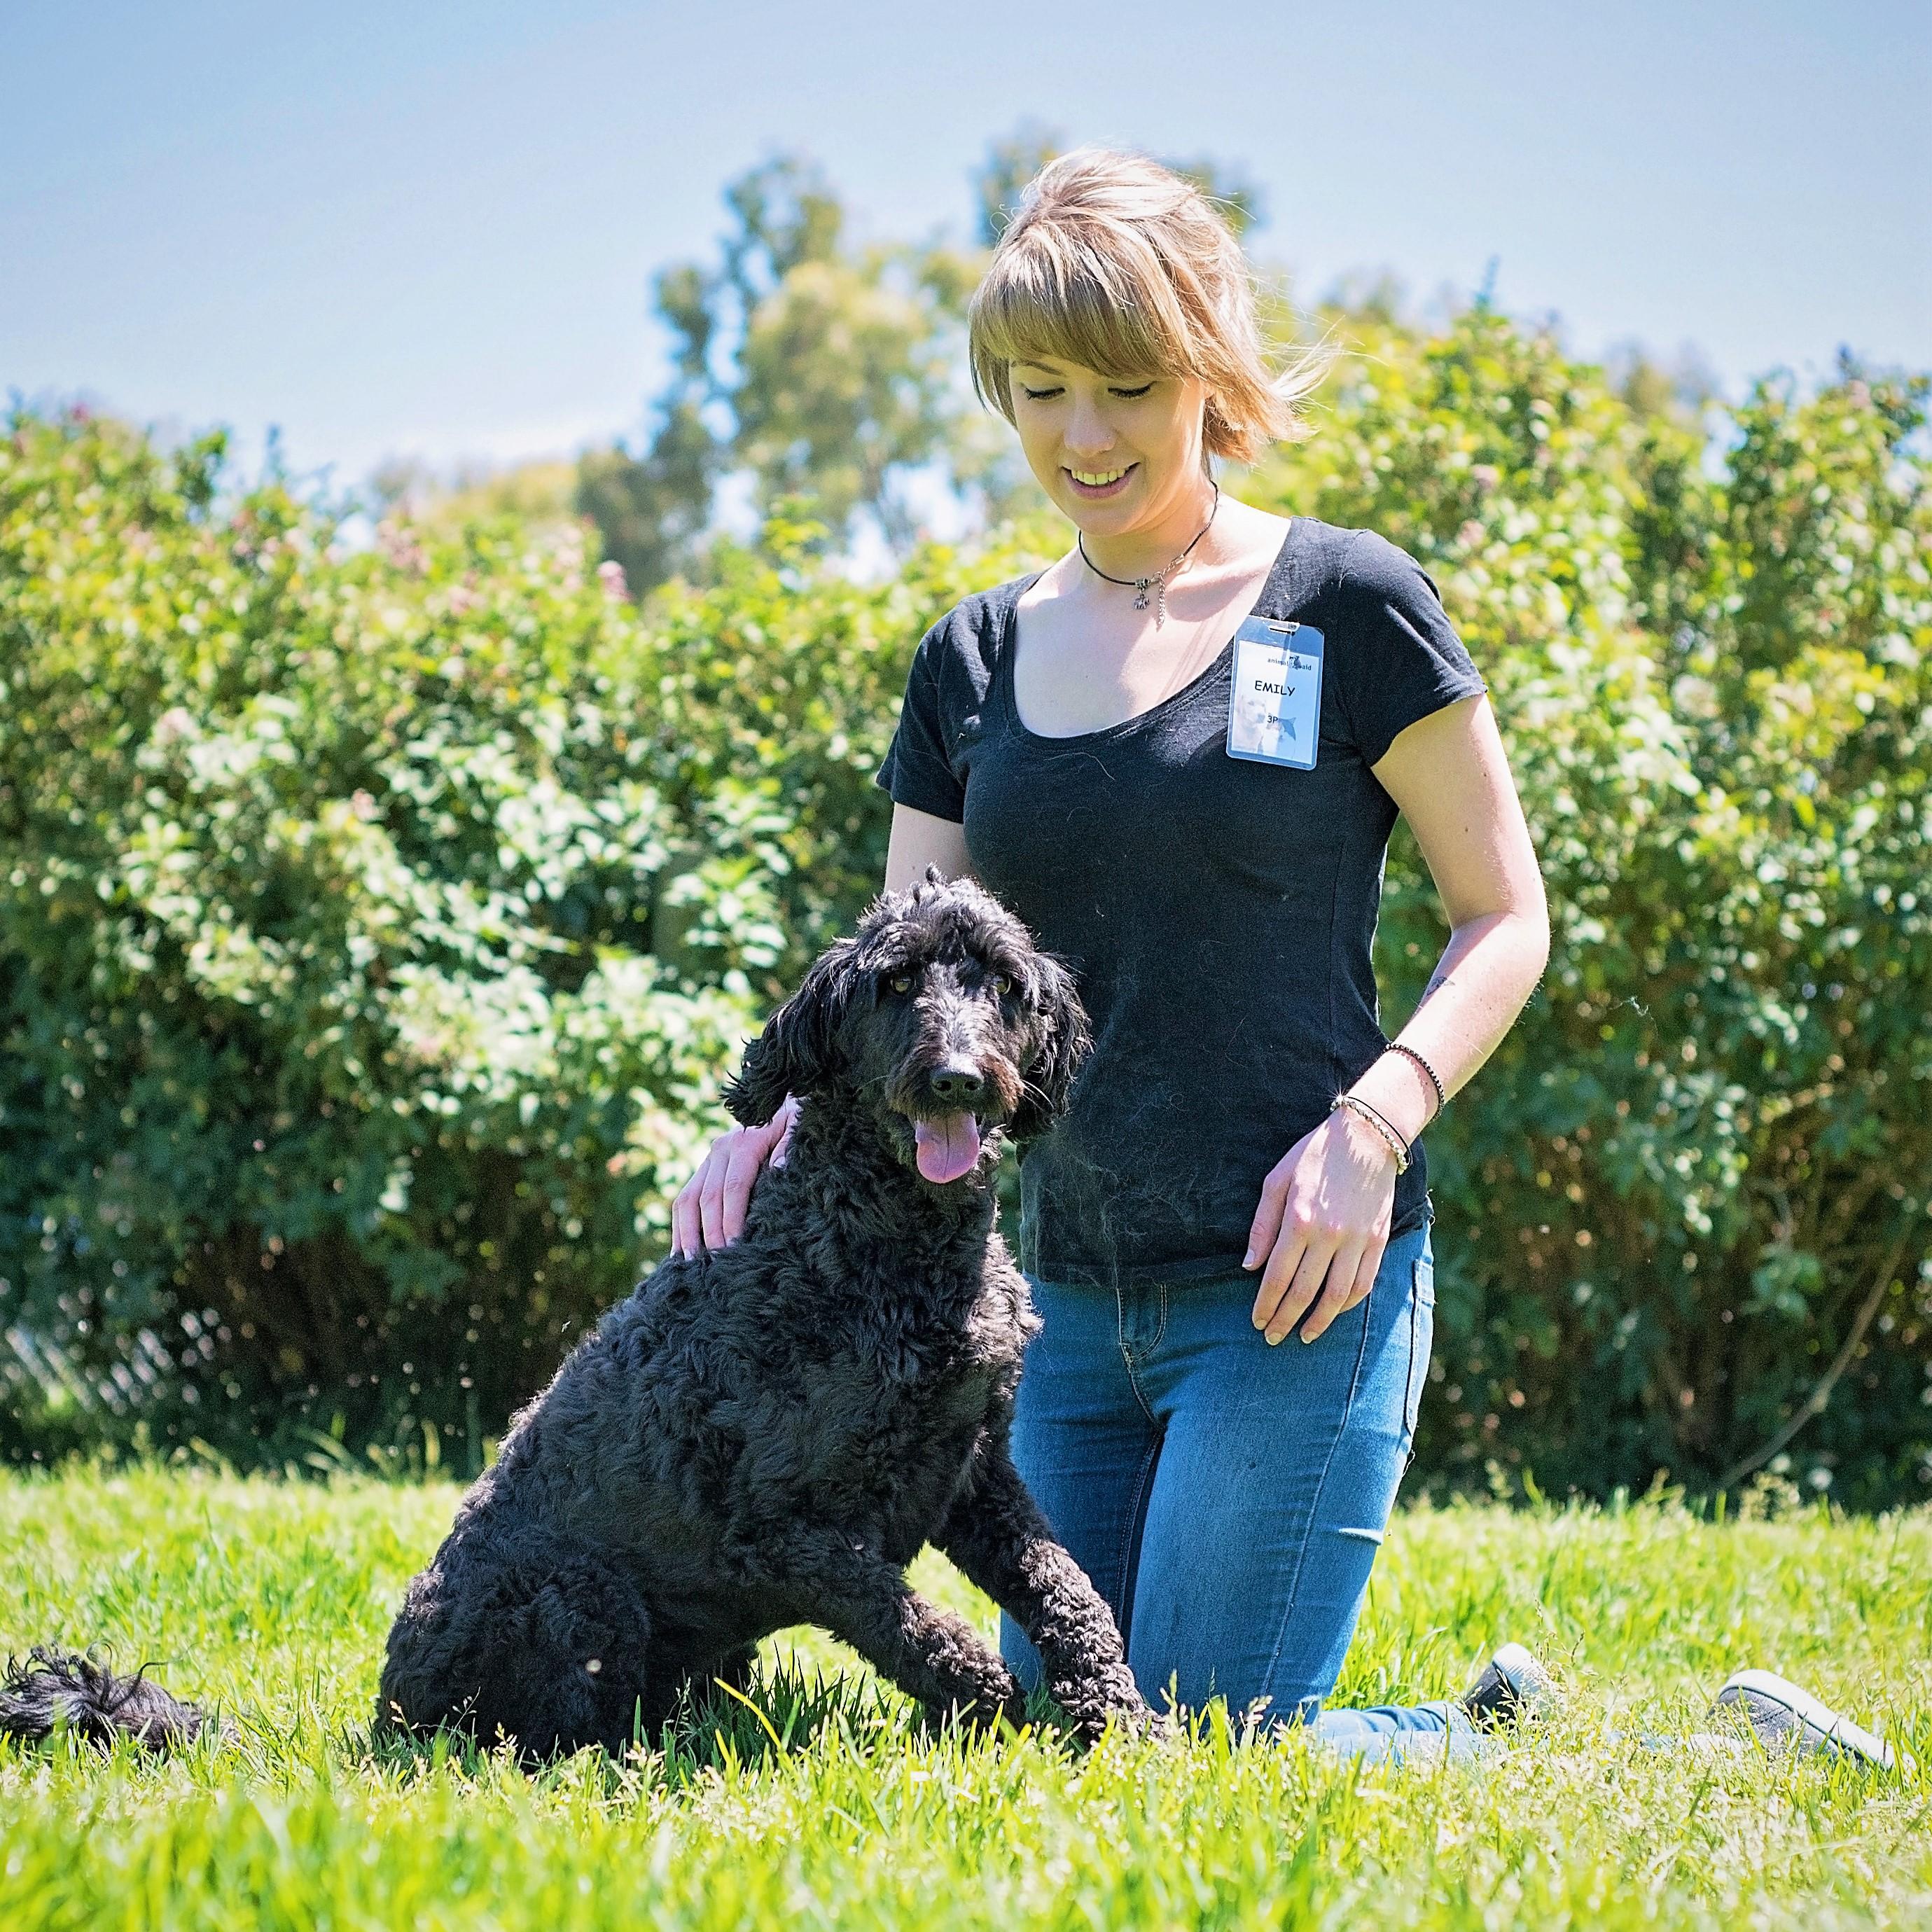 Student Volunteer at Animal Aid